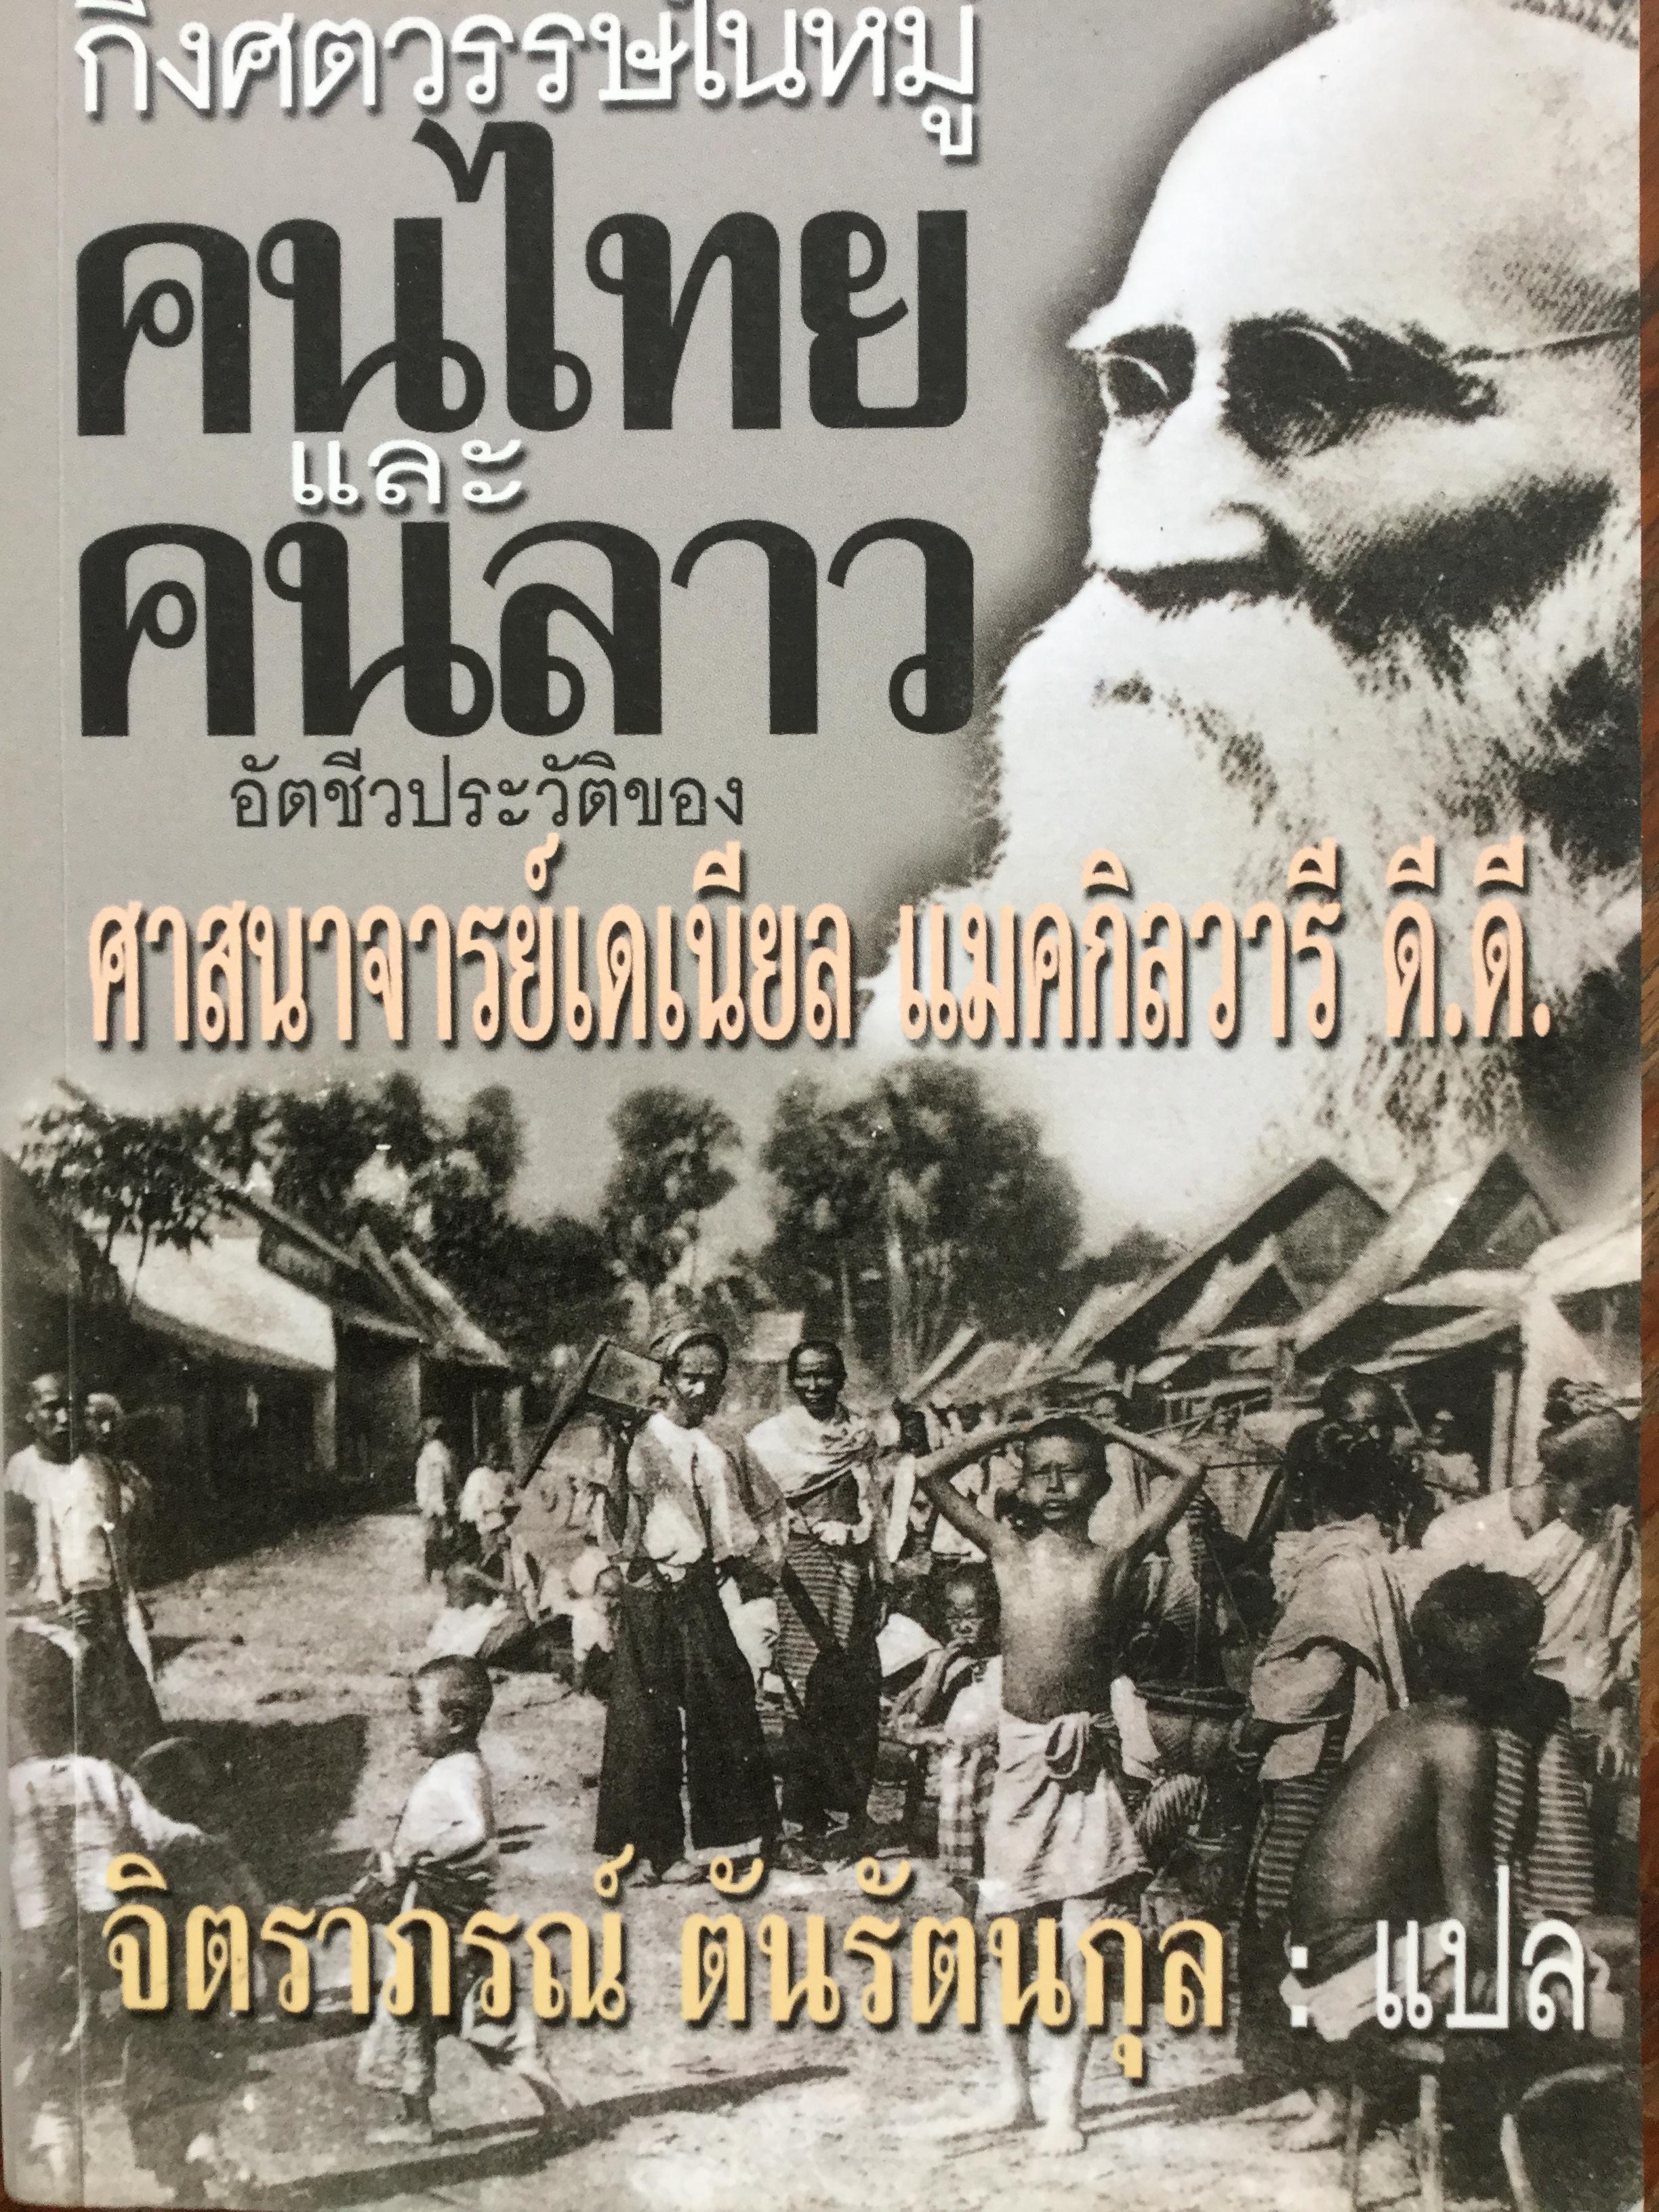 กึ่งศตวรรษในหมู่ คนไทยและคนลาว. อัตชีวประวัติของ ศาสนาจารย์เดเนียล แมคกิลวารี ดี.ดี. ผู้แปล จิตราภรณ์ ตันรัตนกุล